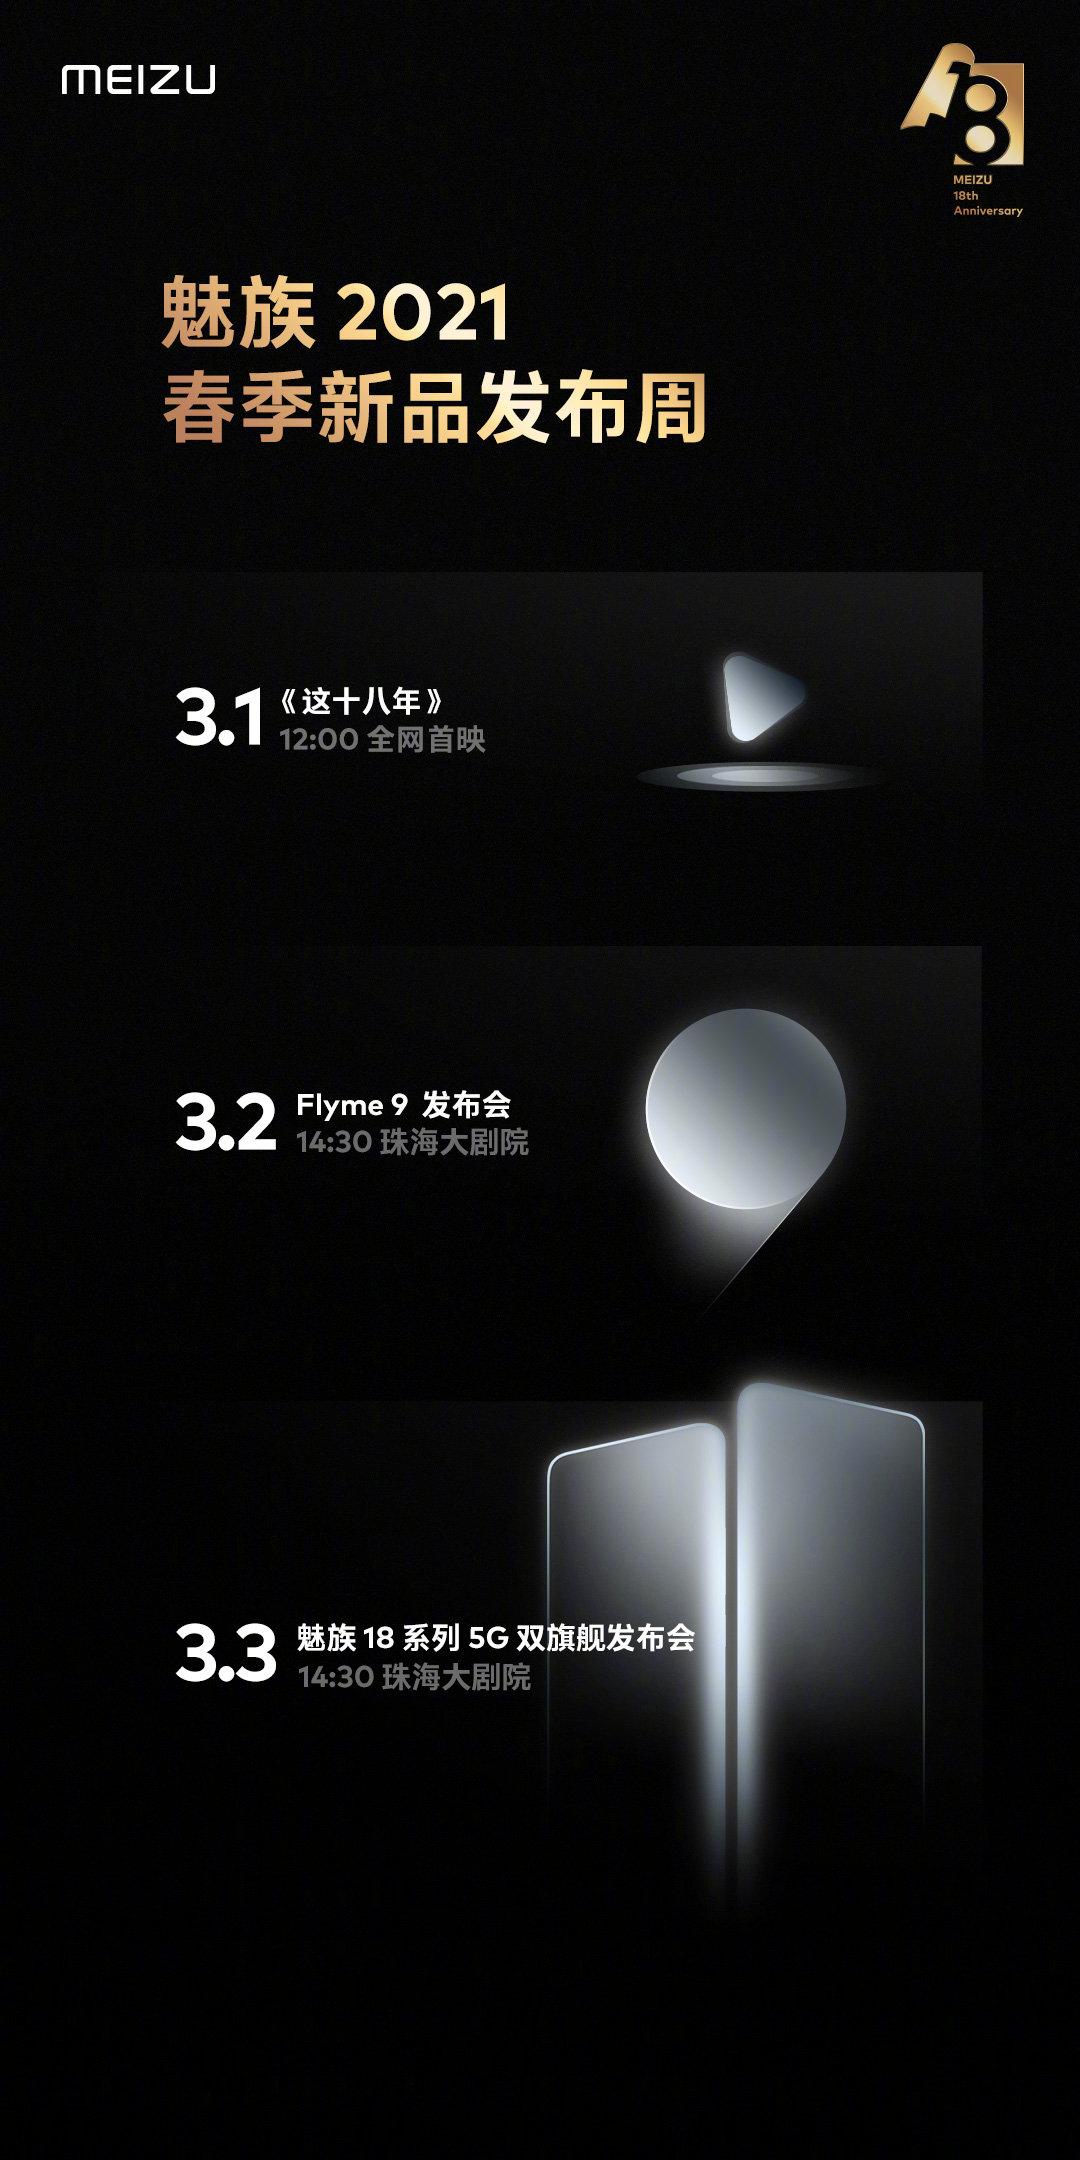 魅族 18 周年:3 月 3 日,魅族 18 系列 5G 双旗舰发布会;3 月 2 日 Flyme 9 发布